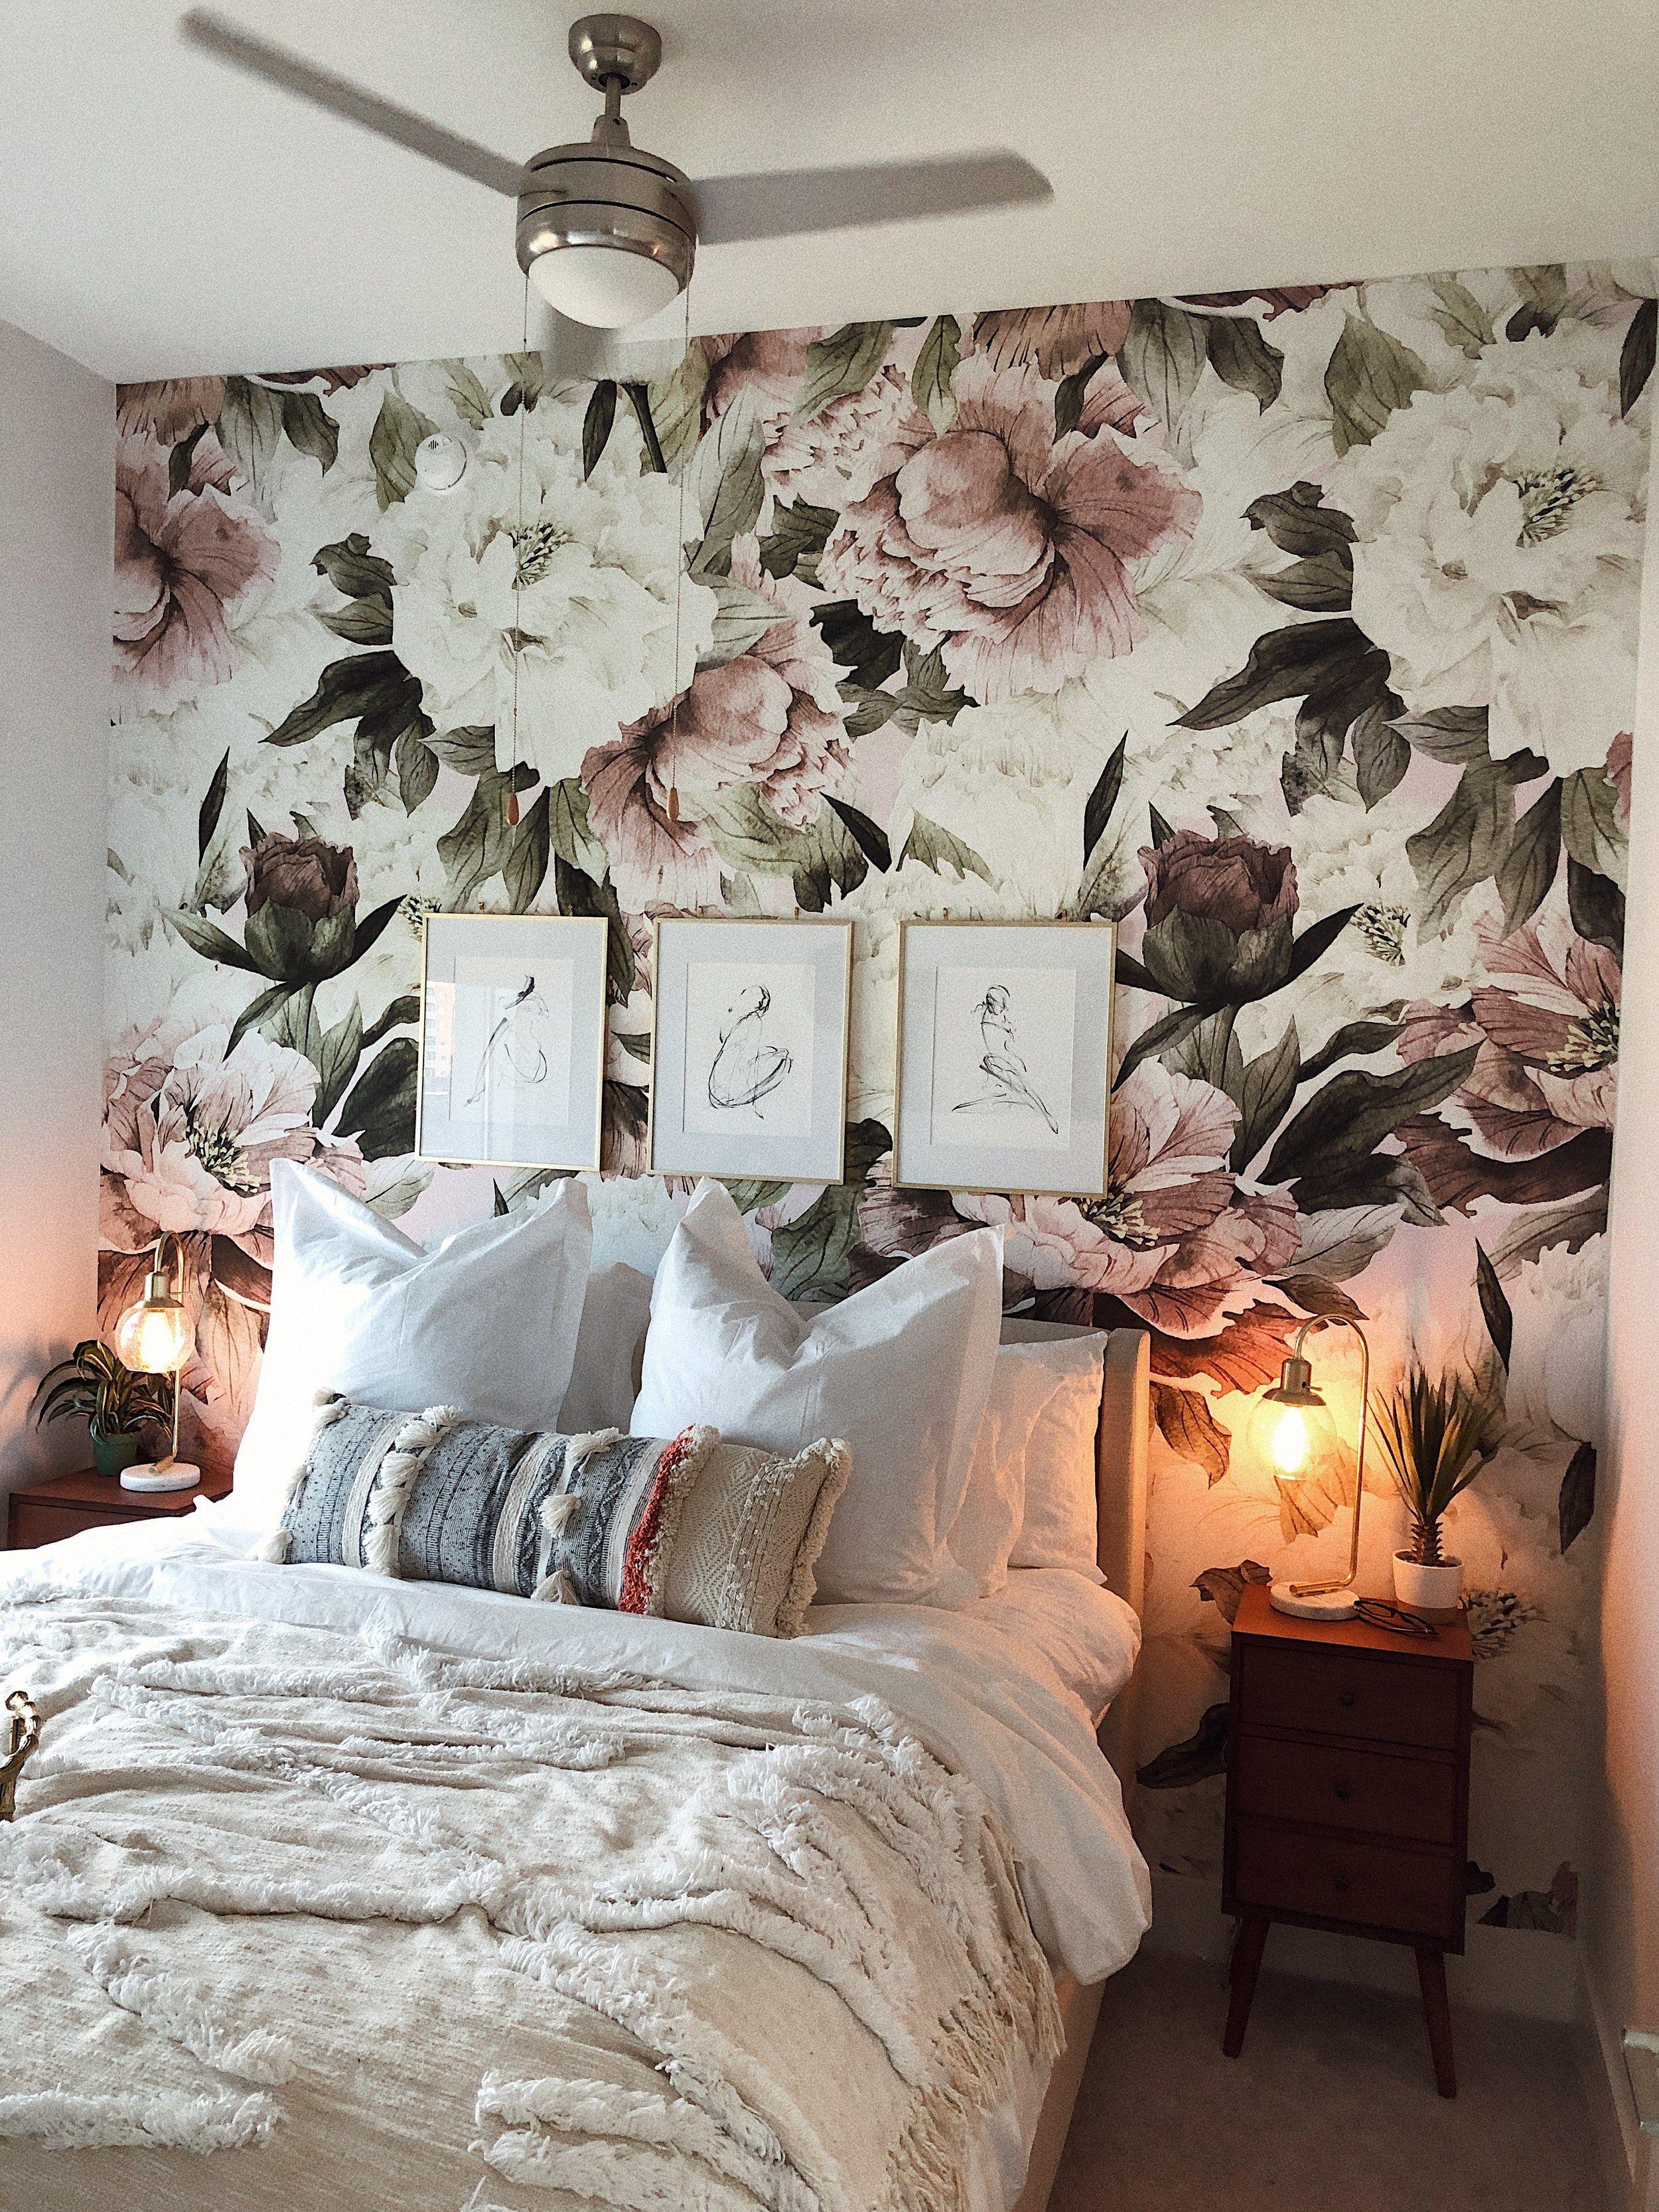 Mách bạn 10 mẹo giúp phòng ngủ nhỏ cỡ nào cũng xinh long lanh - Ảnh 10.